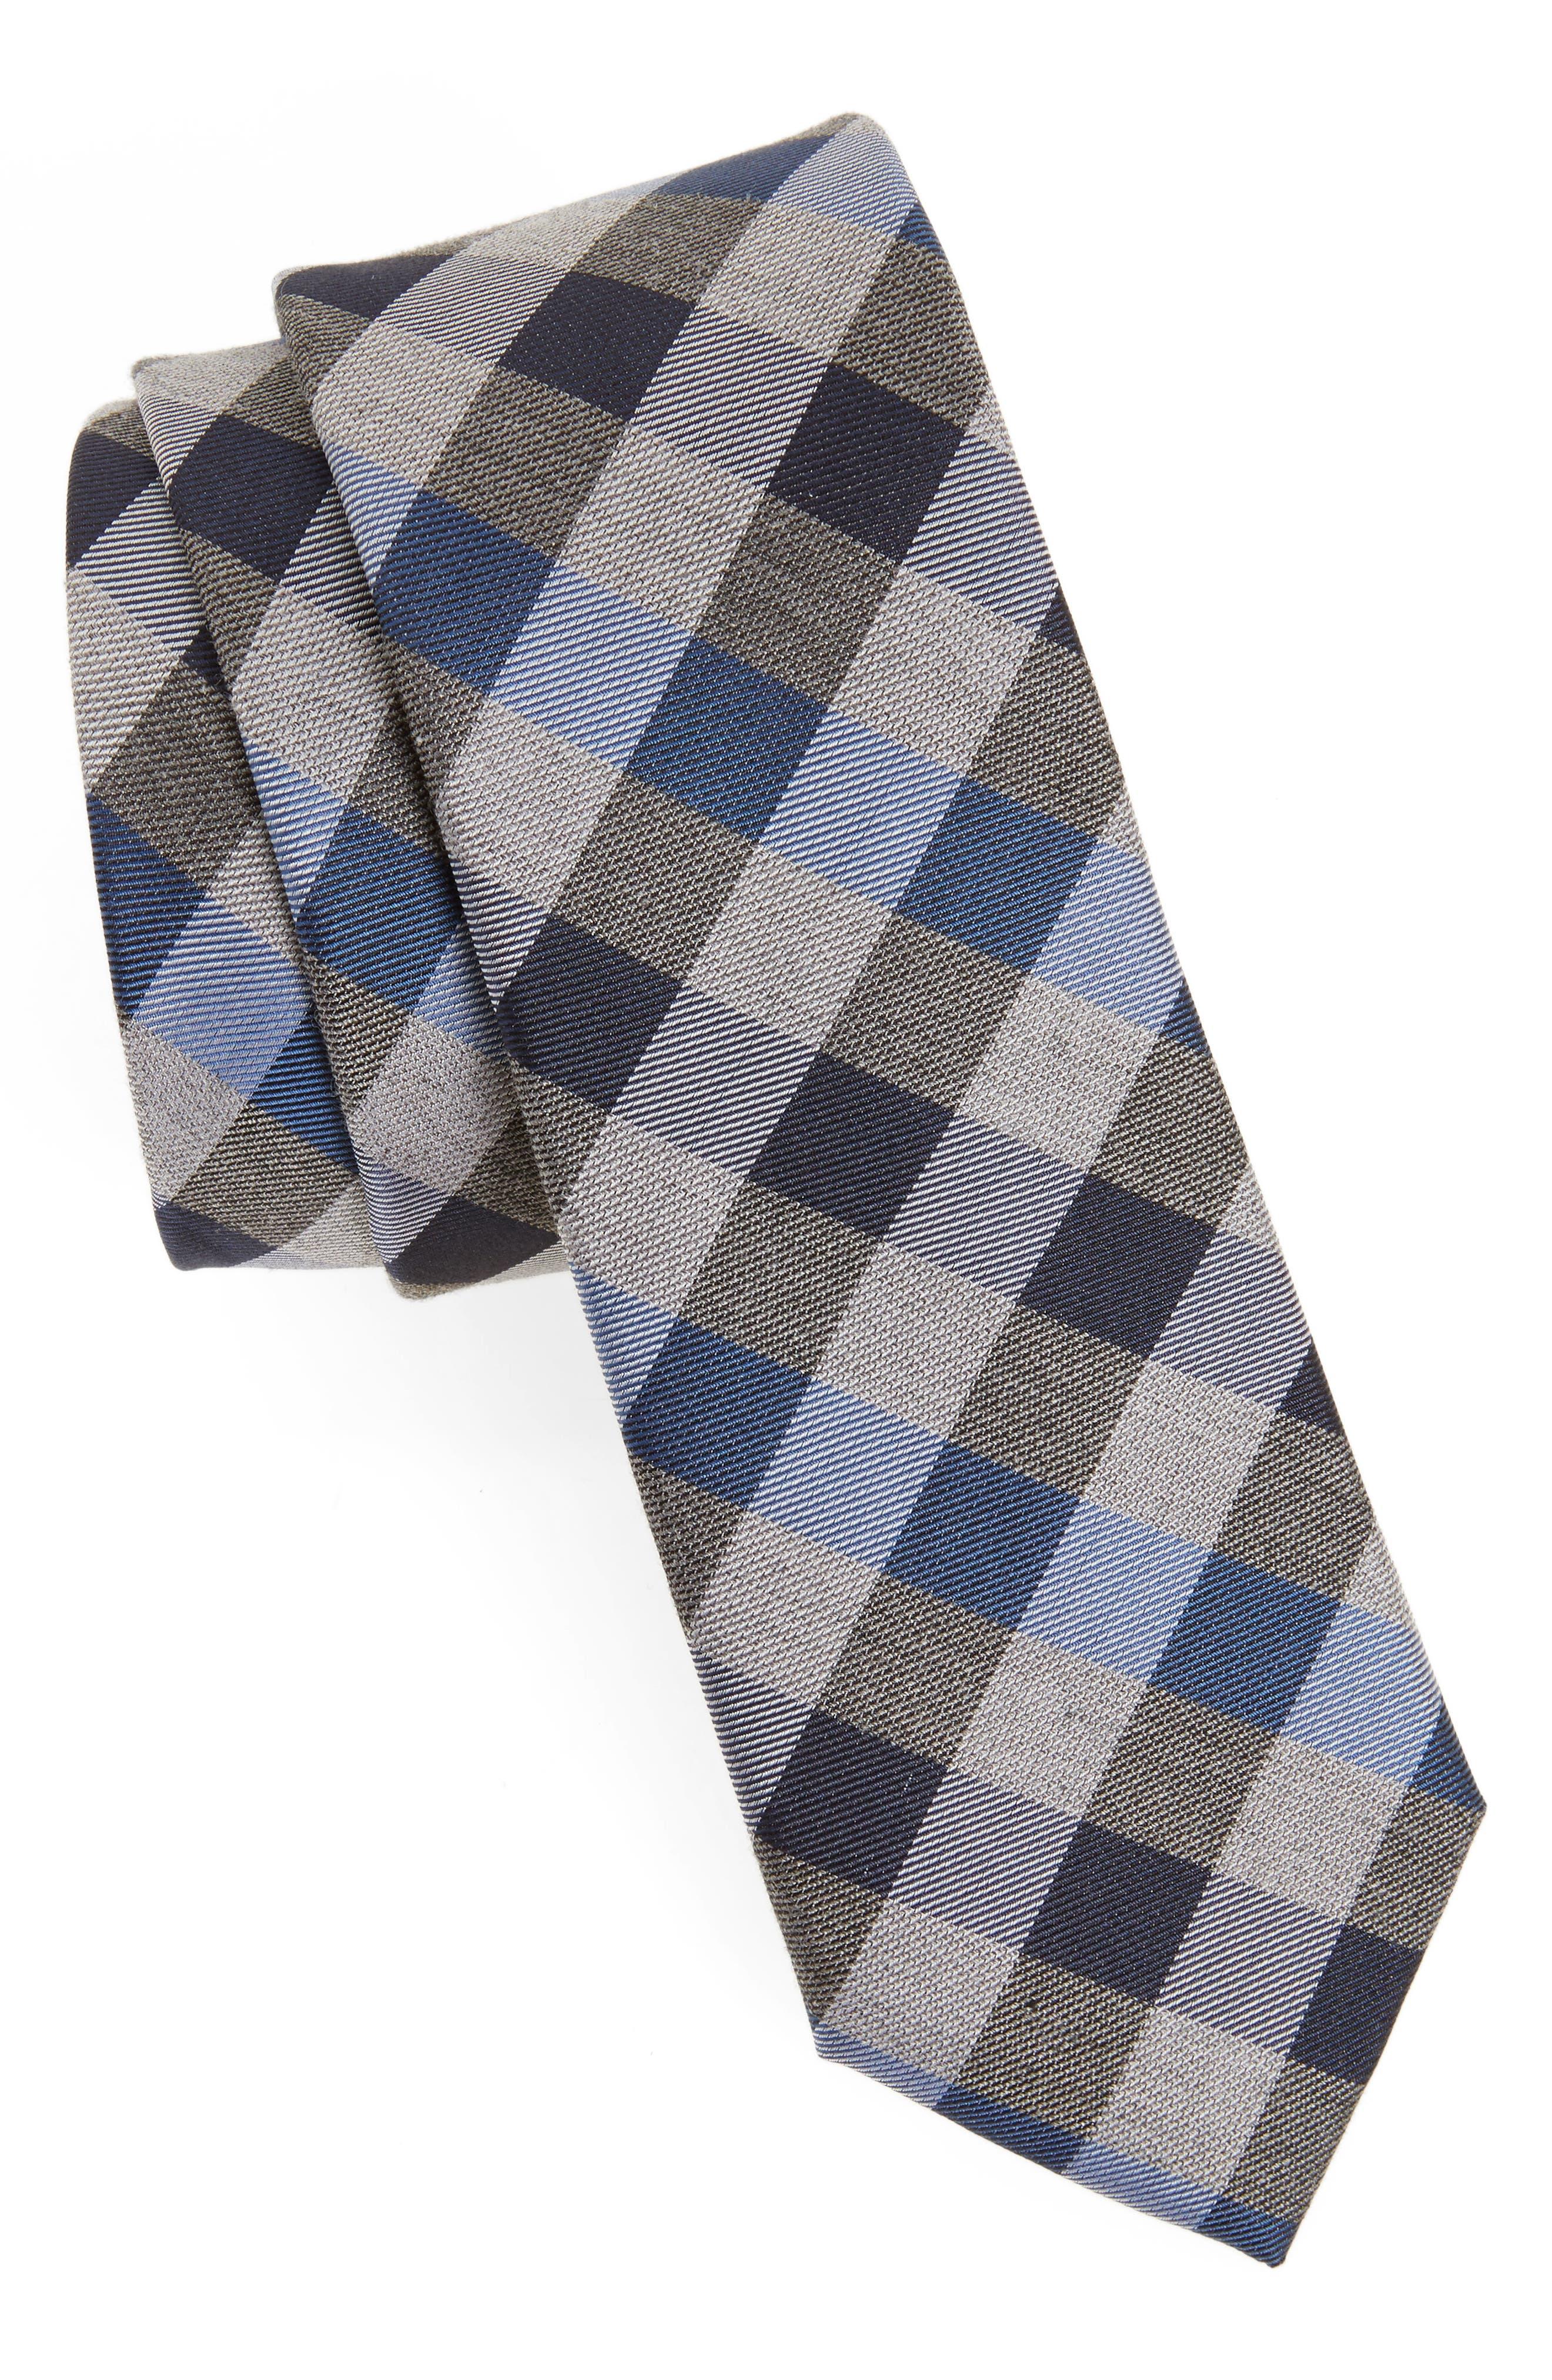 Schoolboy Gingham Check Silk Tie,                         Main,                         color, 411